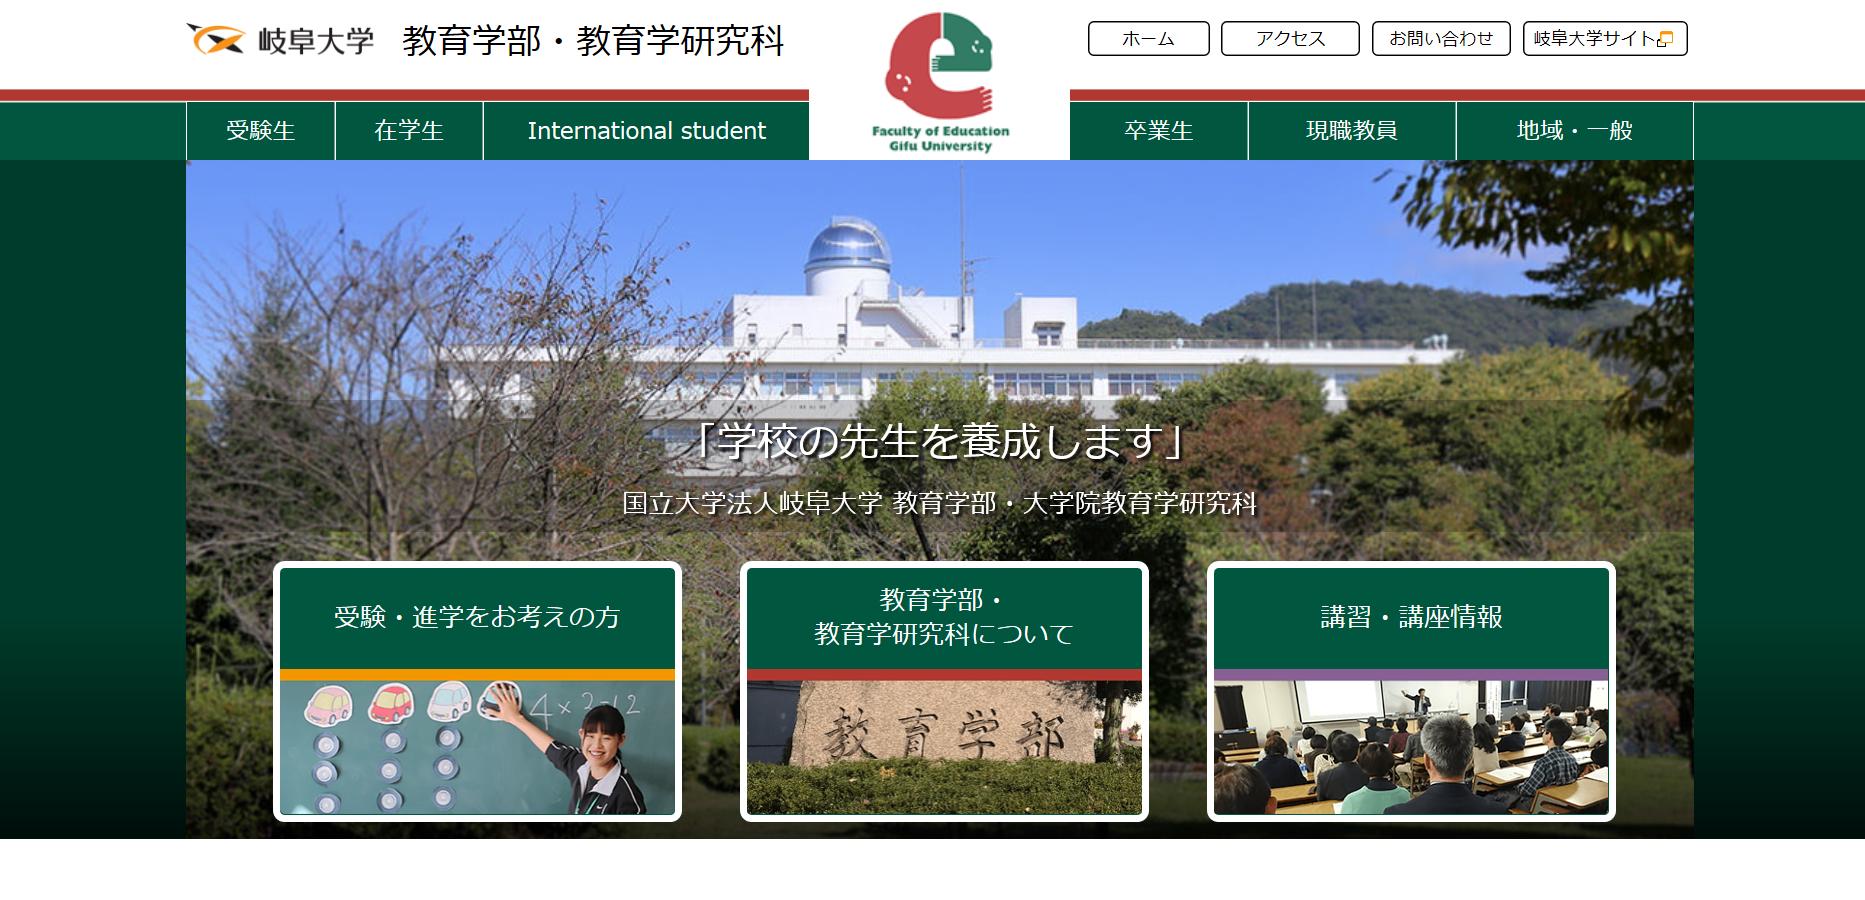 岐阜大学の評判・口コミ【教育学部編】